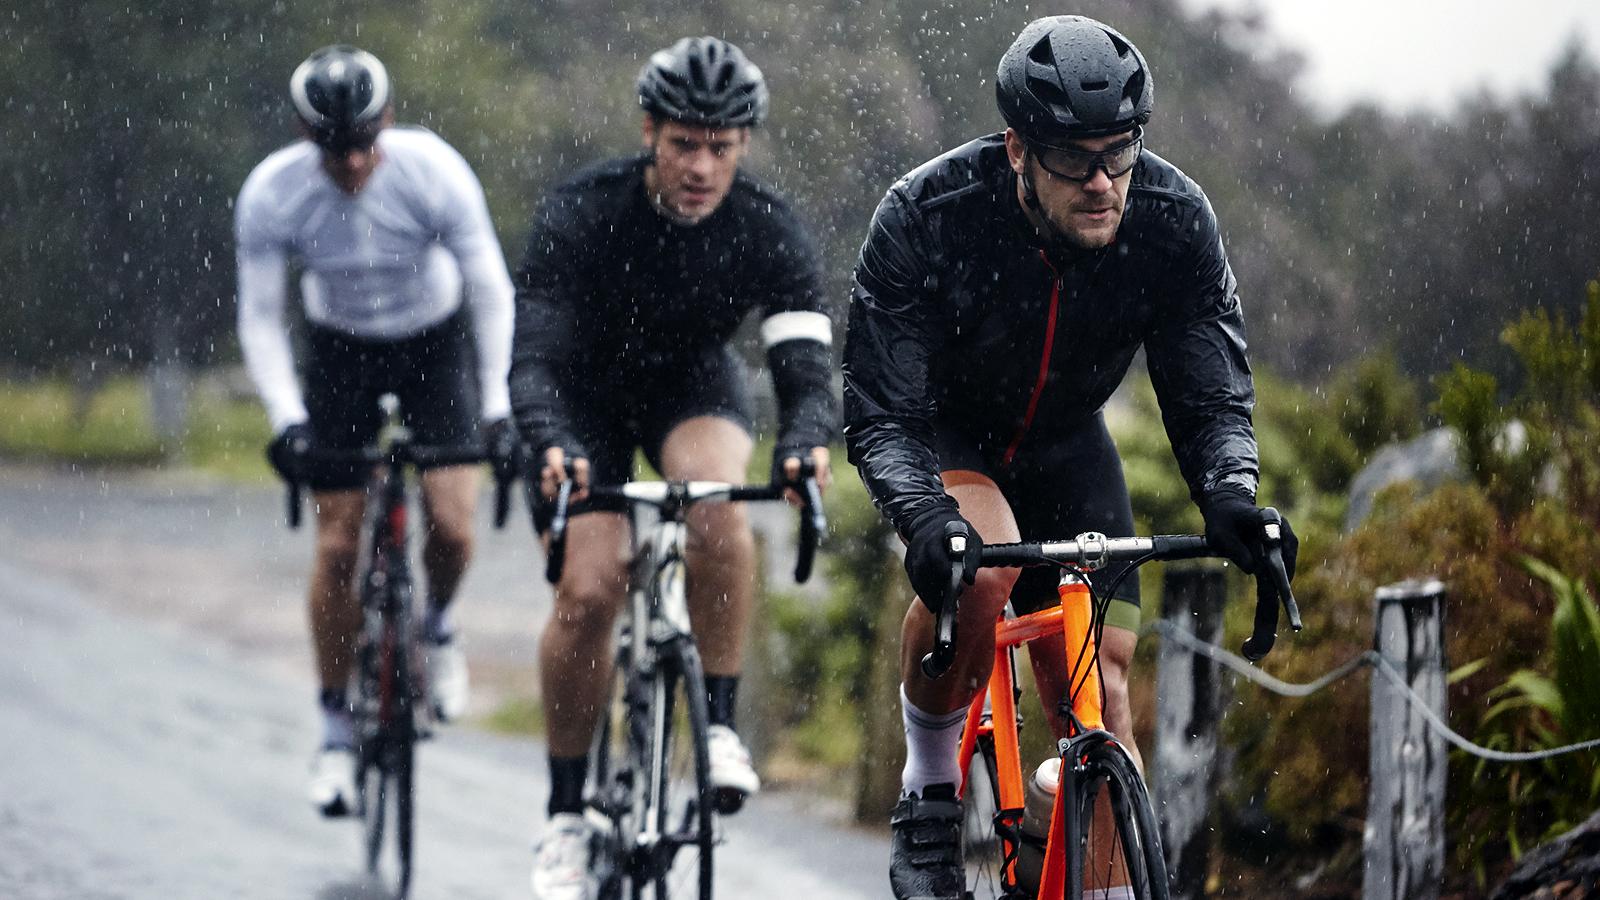 Cycling Shoe SealSkinz Oversocks Stretchdry Waterproof Windproof Road Bike